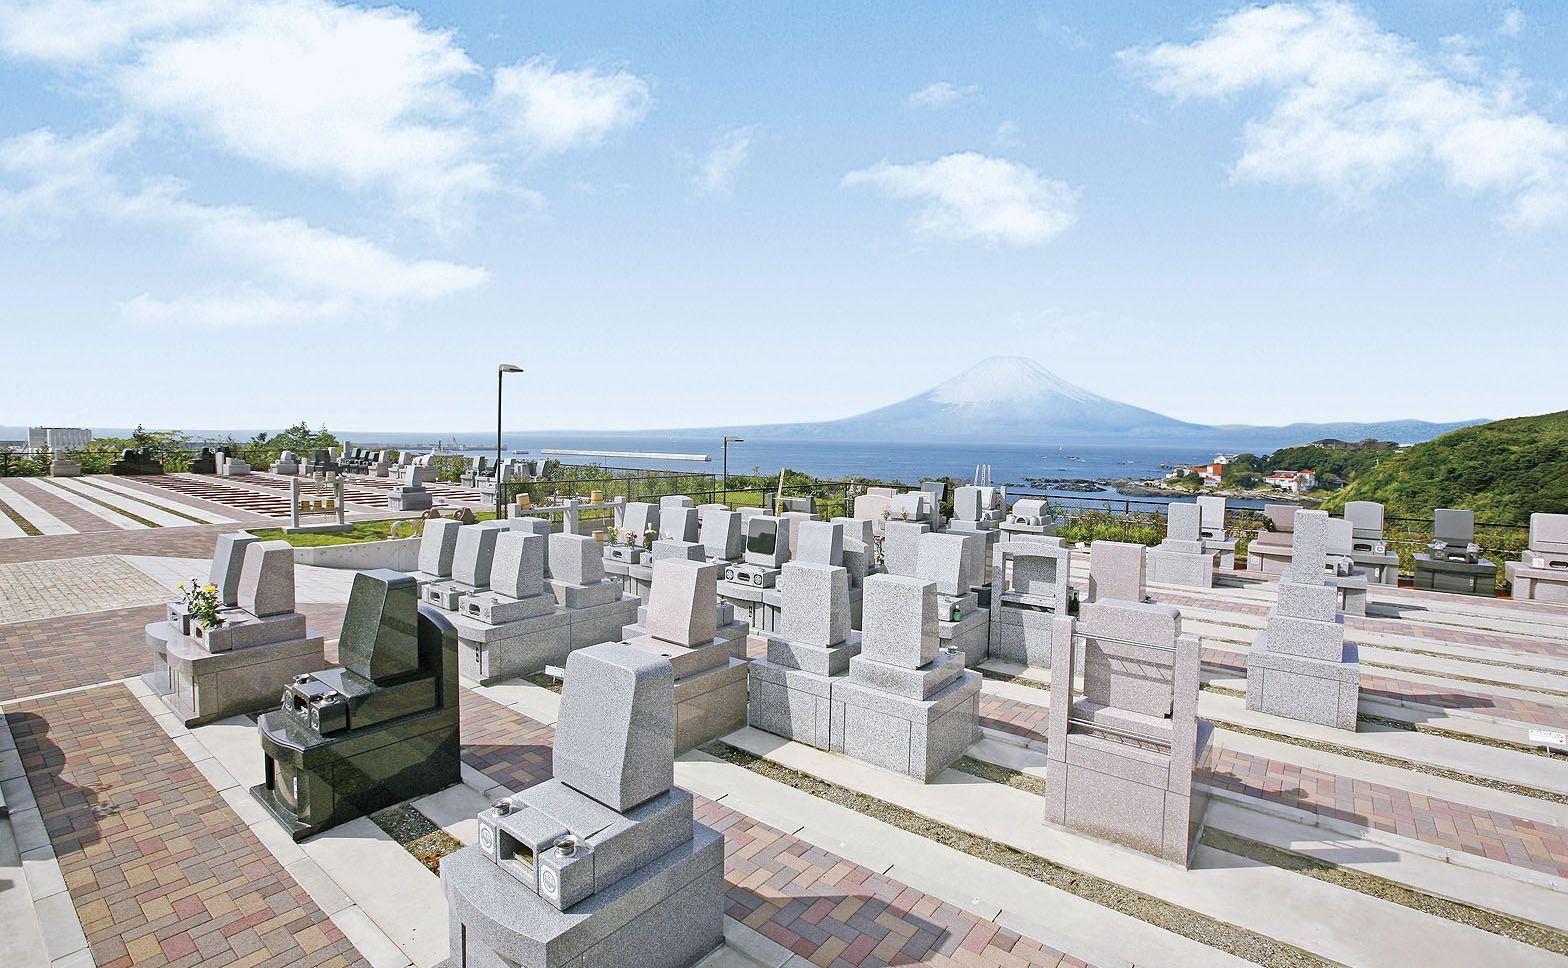 ベイサイド三浦浄苑 墓域より富士山を眺望 広大な海と共にすがすがしい気持ちになれる霊園です 霊園 お墓 眺望